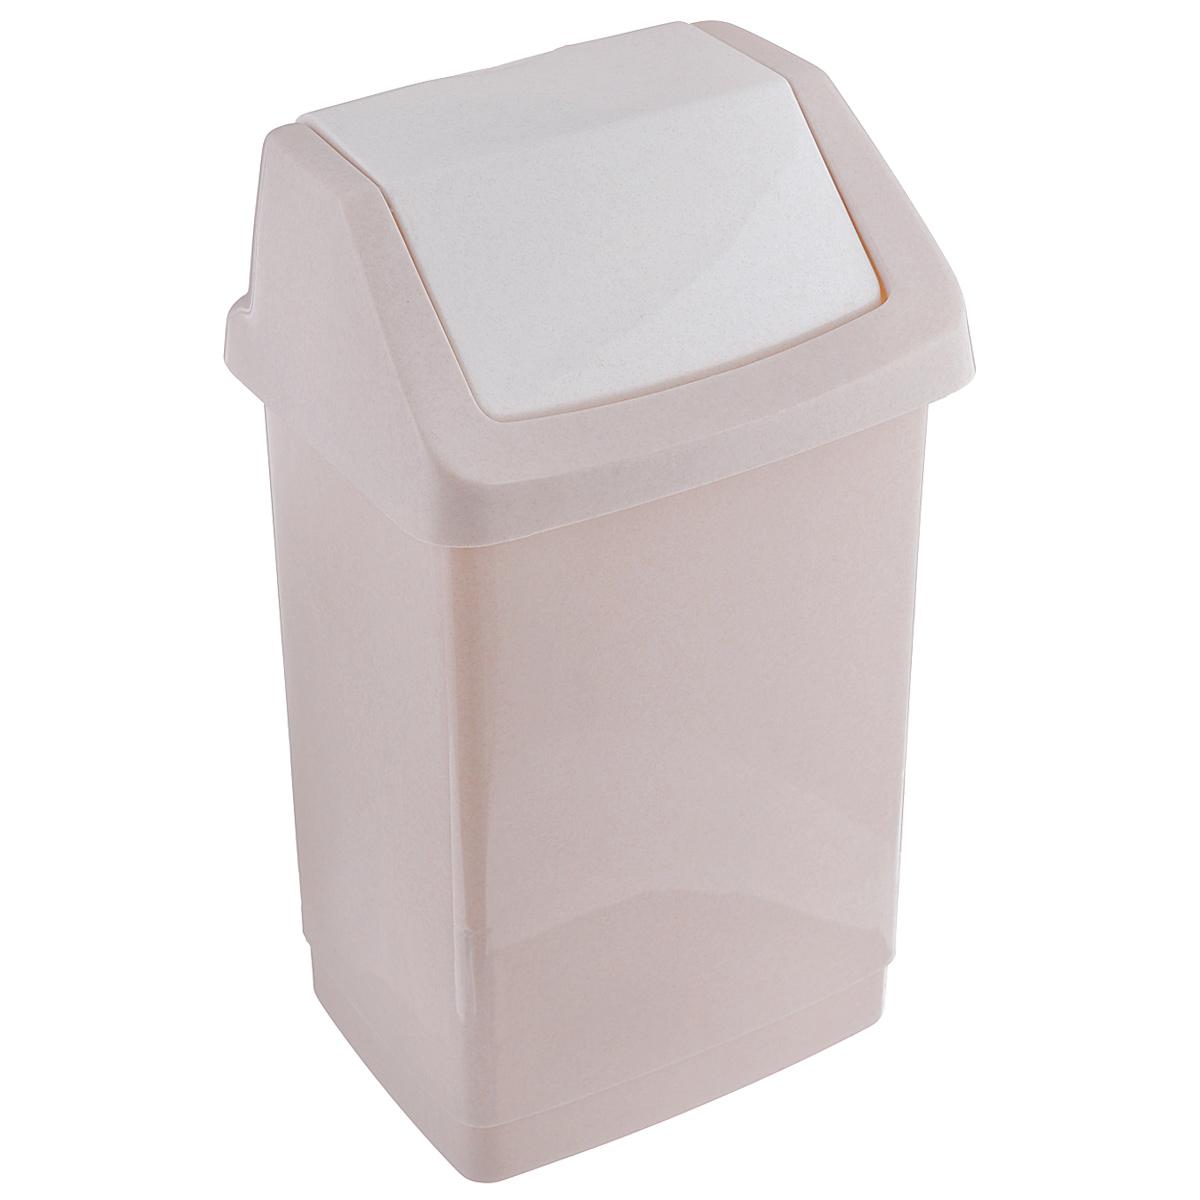 Контейнер для мусора Curver Клик-ит, цвет: бежевый, 9 л4042_бежевый люкс / бежевыйКонтейнер для мусора Curver Клик-ит изготовлен из прочного пластика. Контейнер снабжен удобной съемной крышкой с подвижной перегородкой. Благодаря лаконичному дизайну, такой контейнер идеально впишется в интерьер и дома, и офиса.